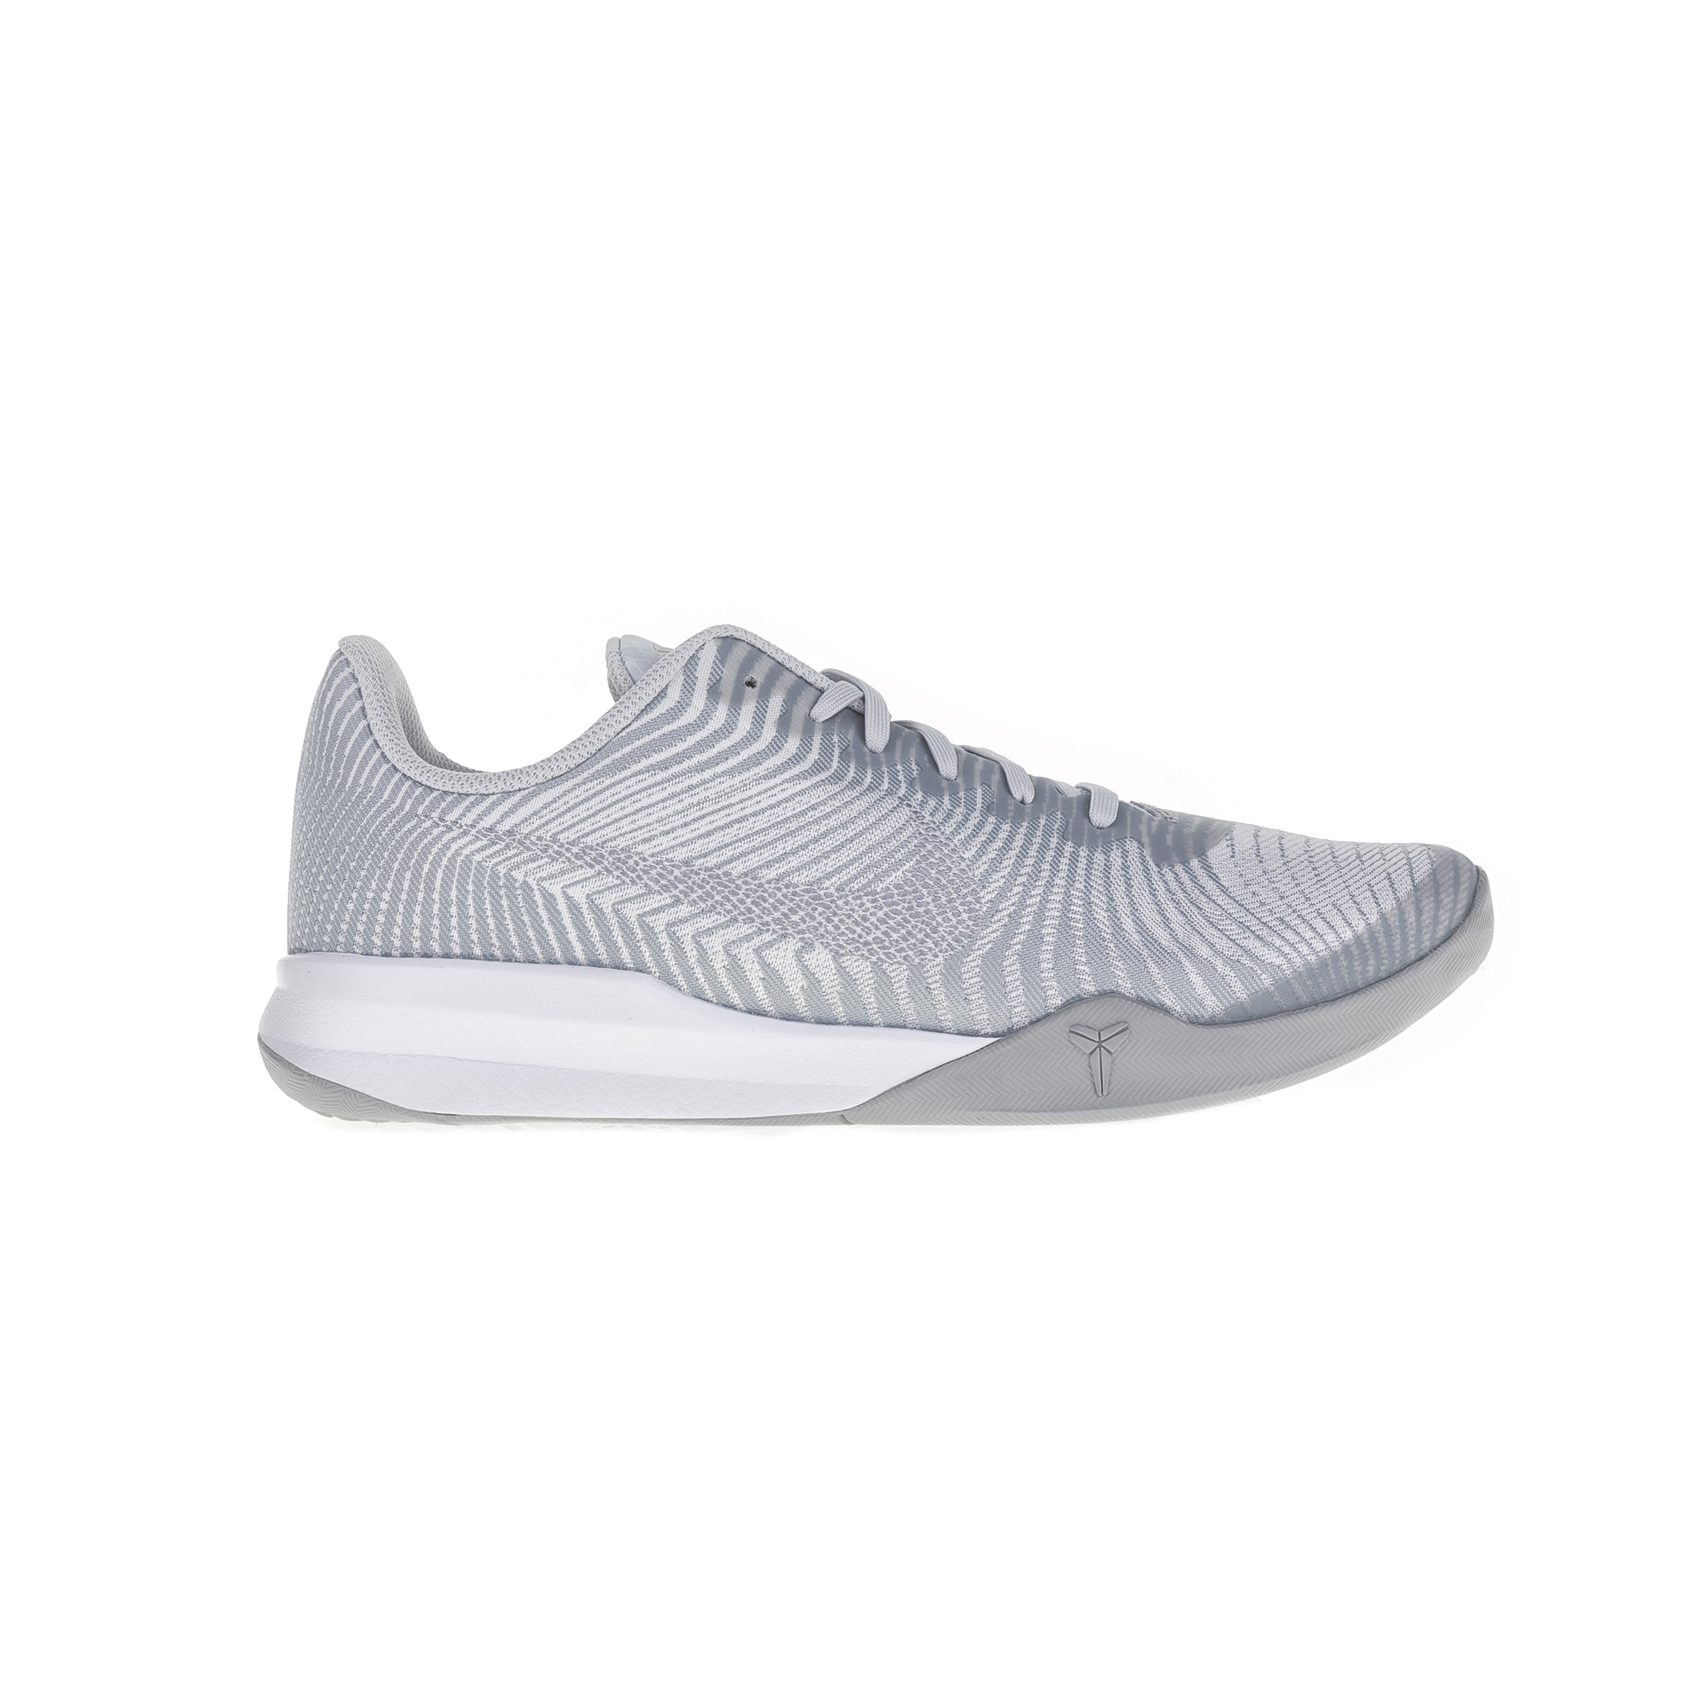 NIKE – Ανδρικά παπούτσια μπάσκετ Nike KB MENTALITY II λευκά